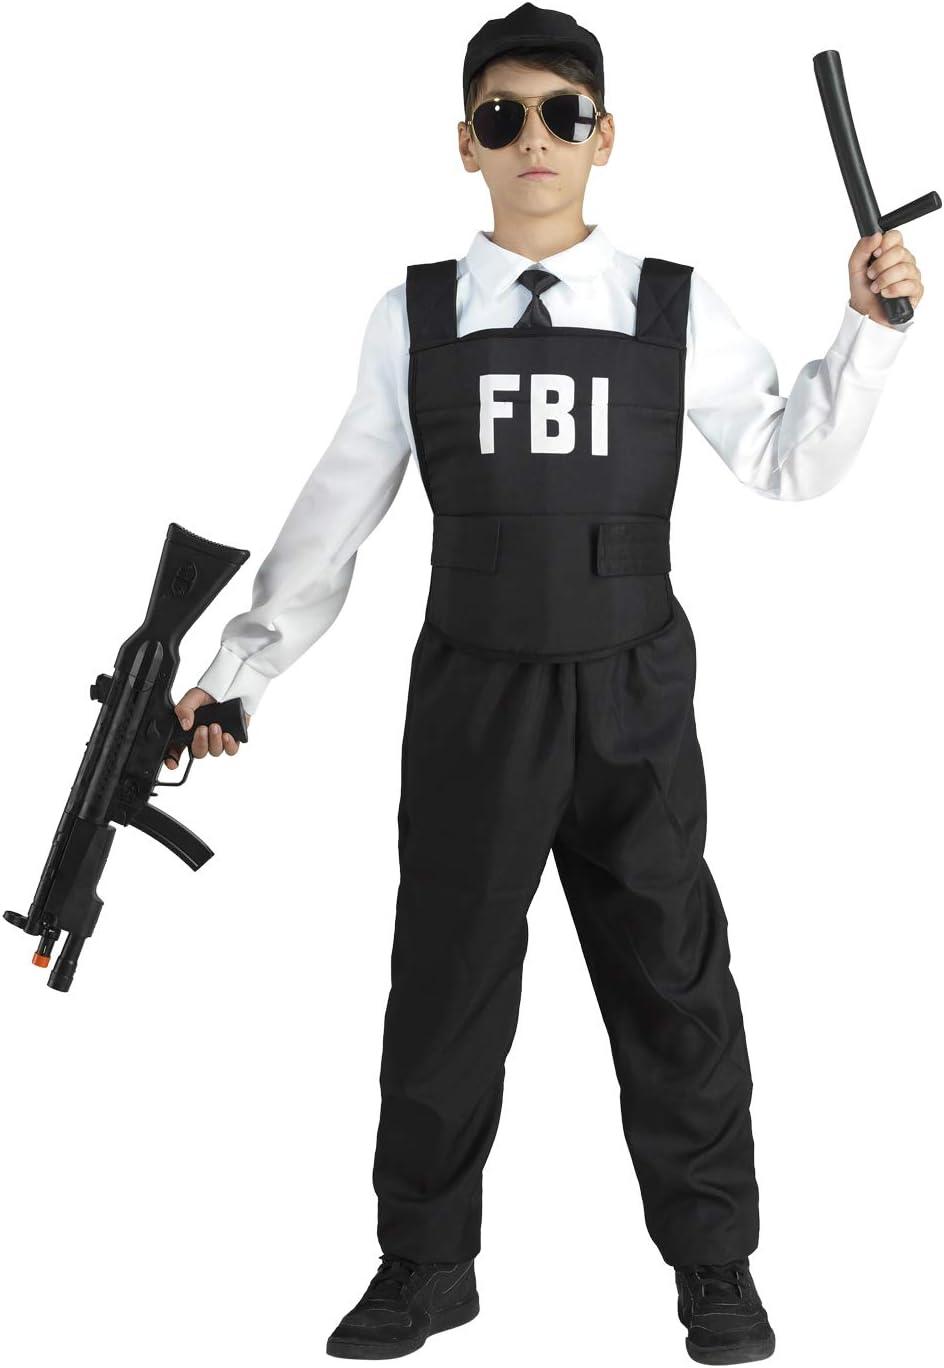 Clown Republic- Agente del FBI Disfraz para niño, C012, blanco, 6 ...